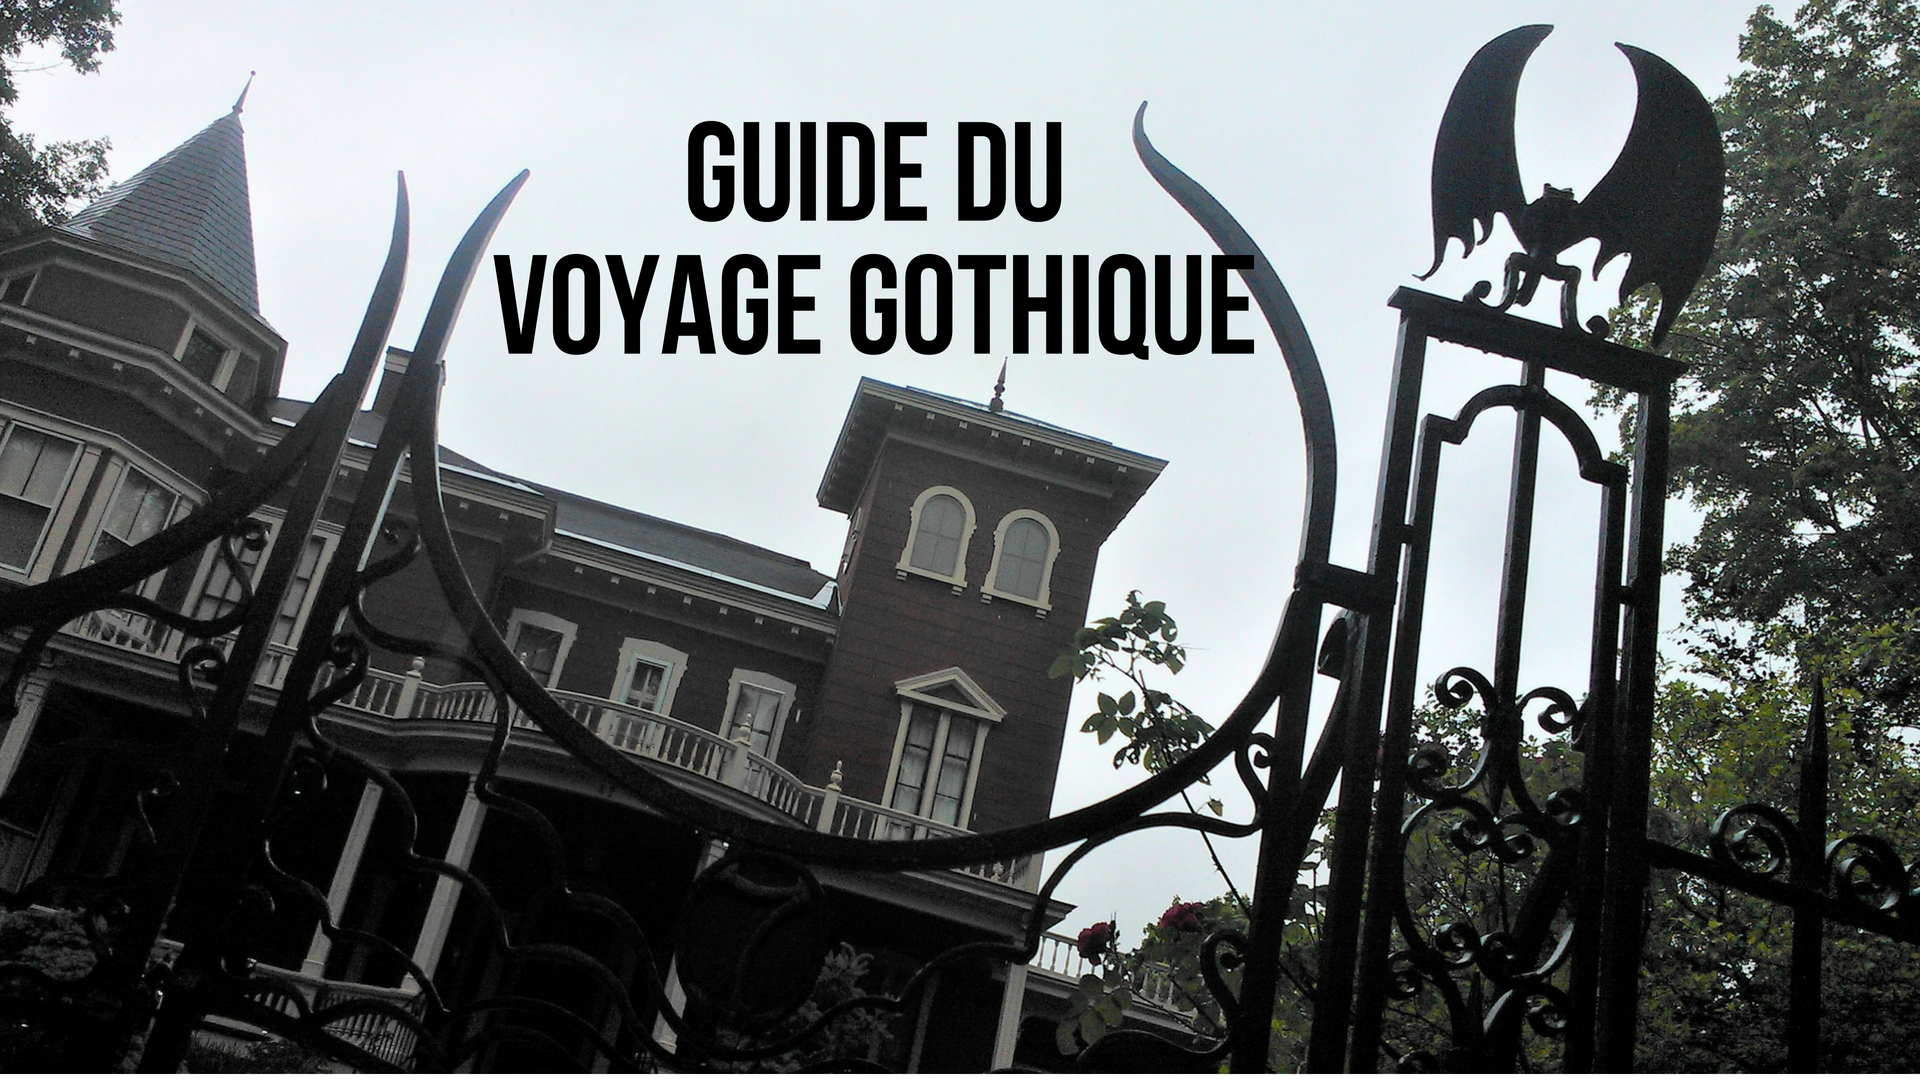 guide voyage gothique blog voyage titre bonnes adresses